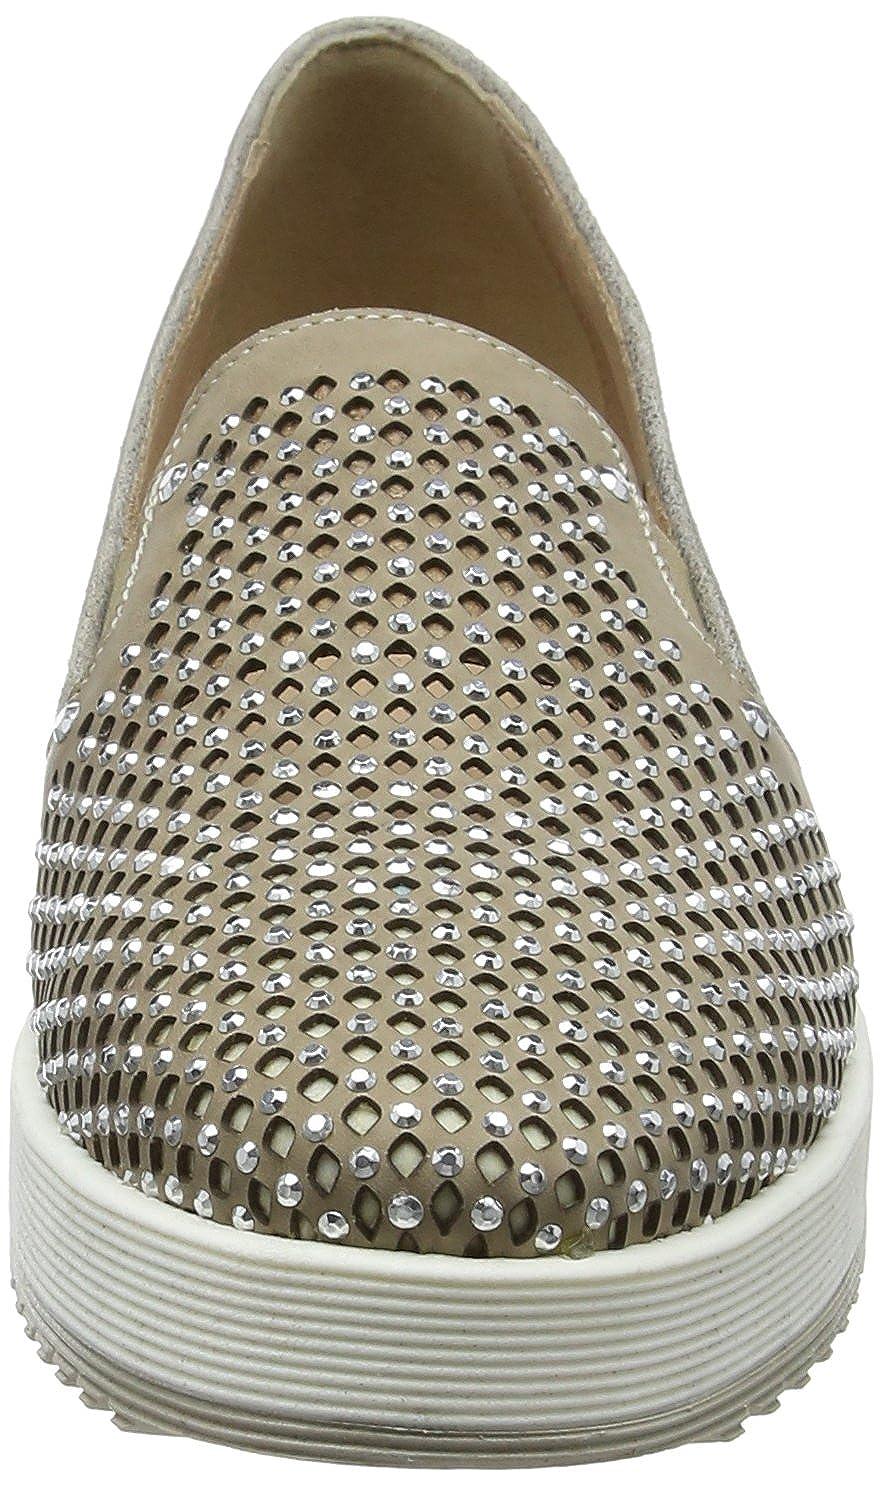 Damenschuhe Grau Piu Damen Lucilla Derbys Grau Damenschuhe (Sasso/Piombo 004) 33d17f